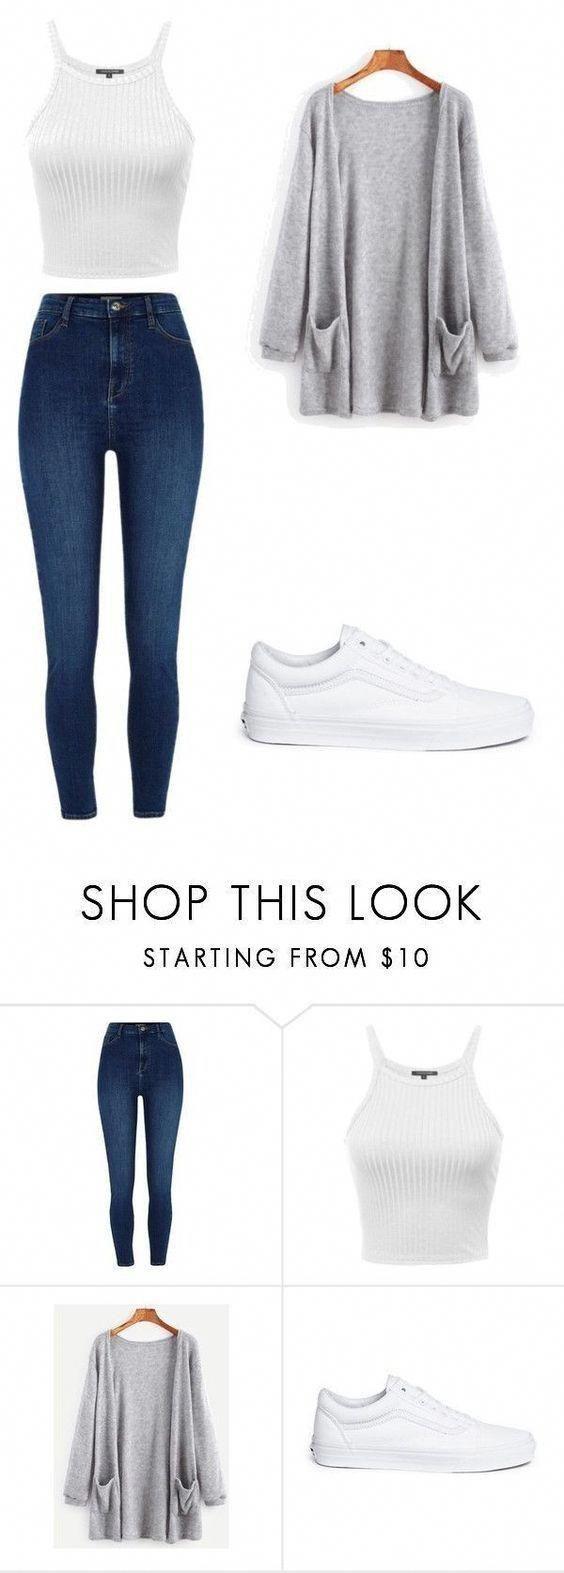 Tipps für Teen-Outfits für Mädchen 345 #teenfashionoutfits #fashion #outfits #teenfas